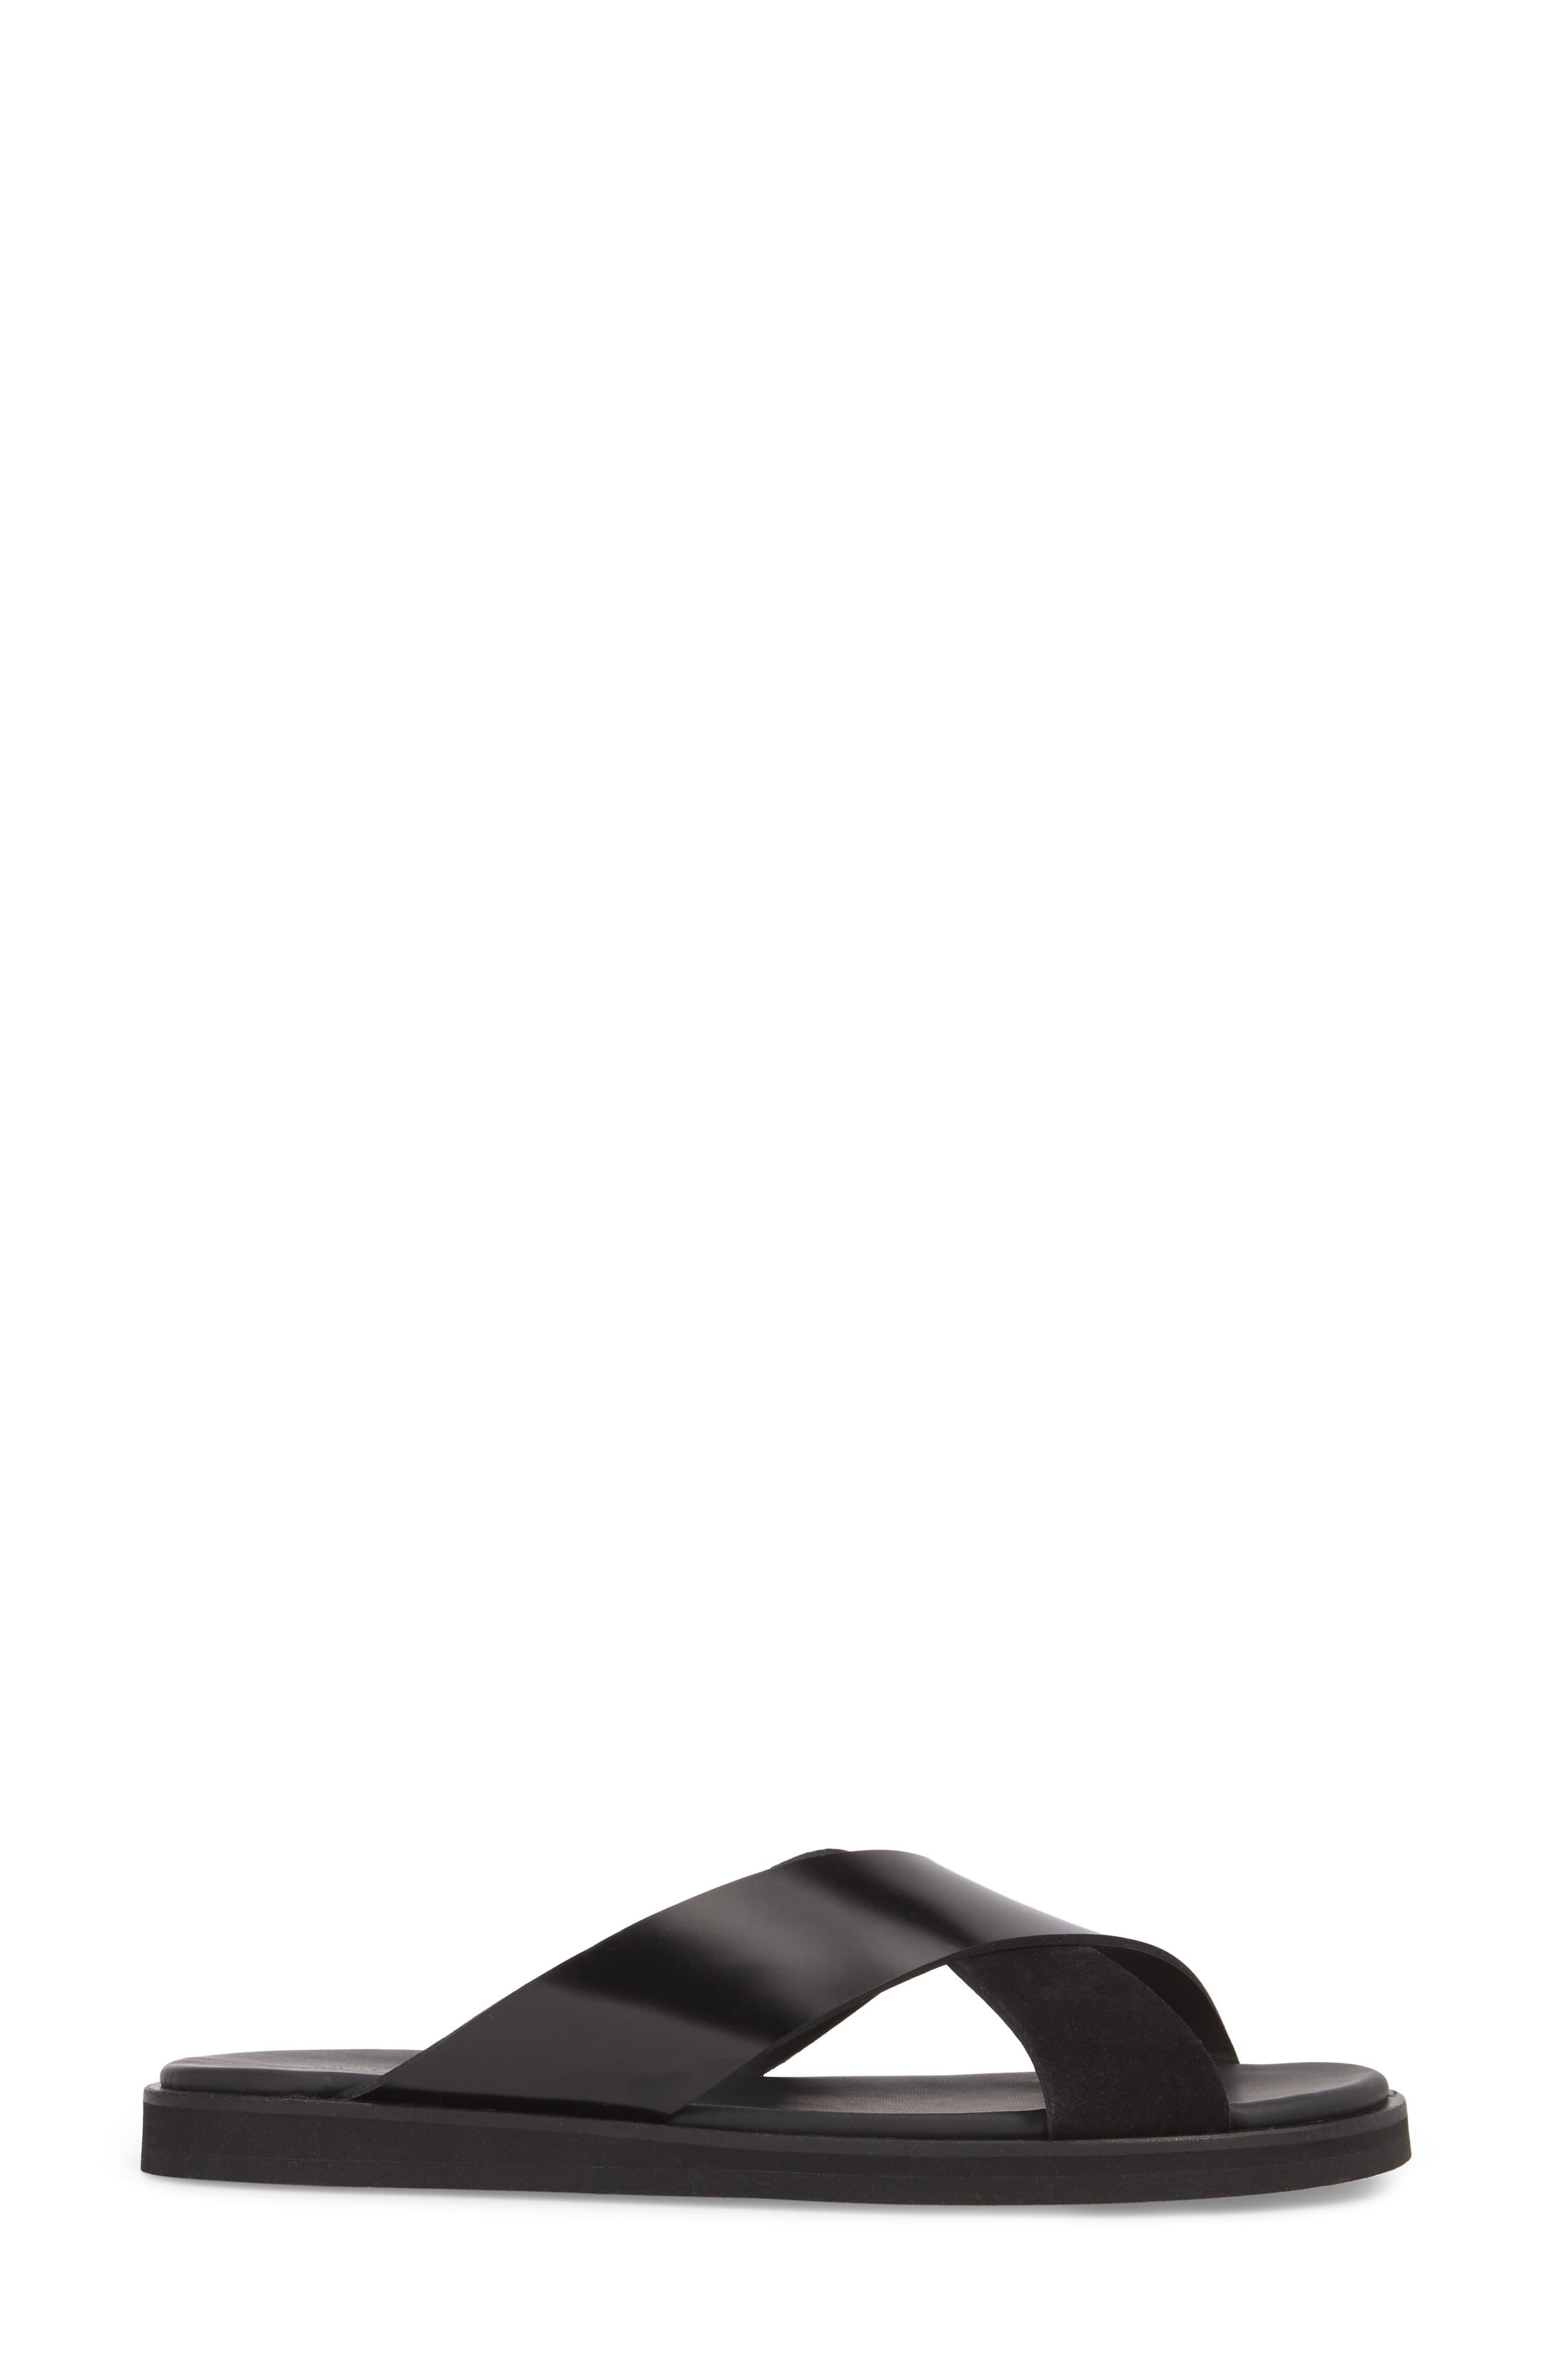 Kavala Slide Sandal,                             Alternate thumbnail 3, color,                             001